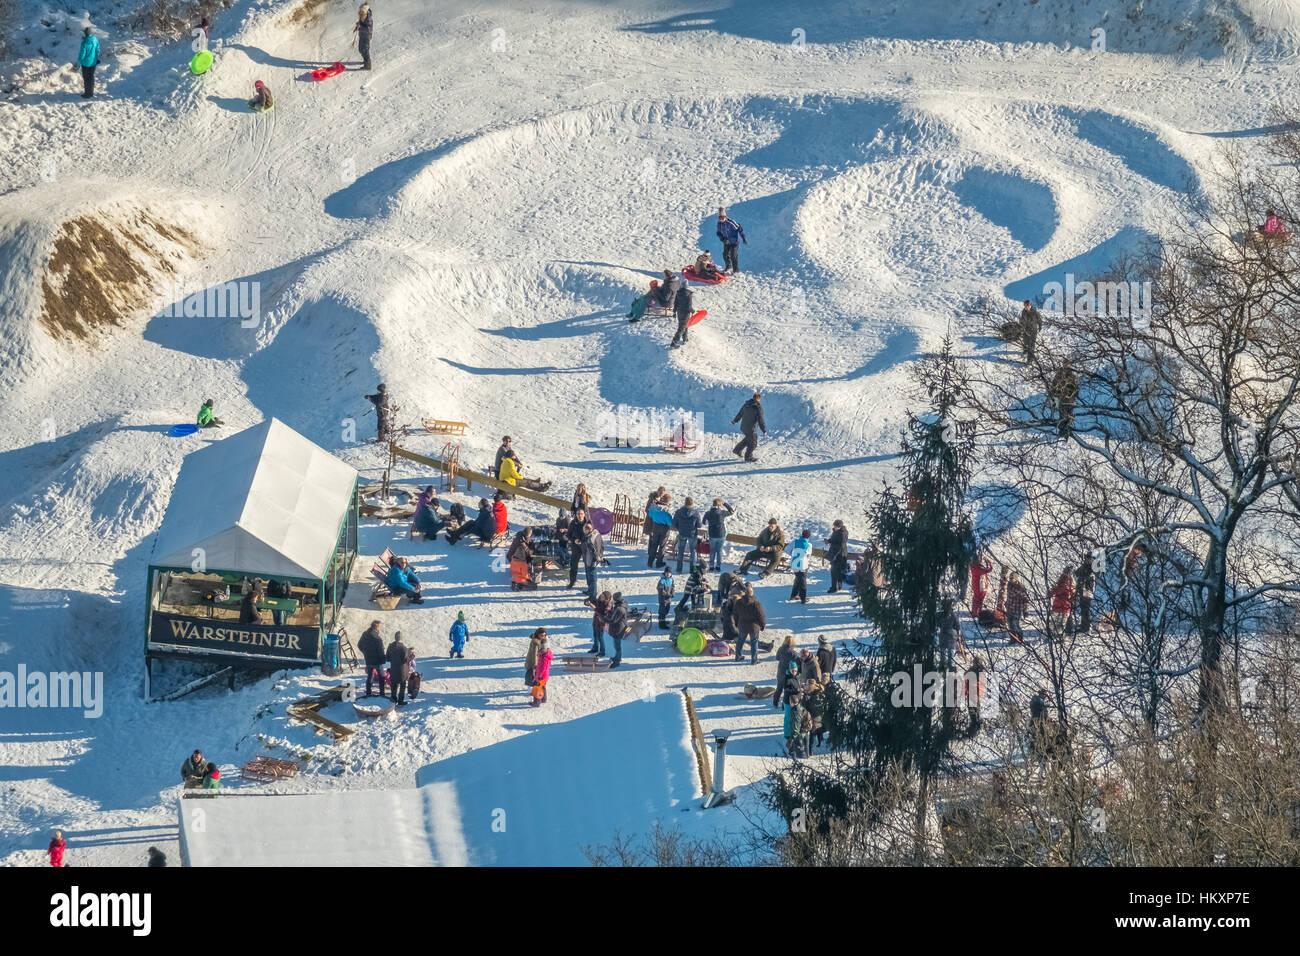 Moguls Of The Bike Park Warstein Am Rabennest Skiers Tobogganing